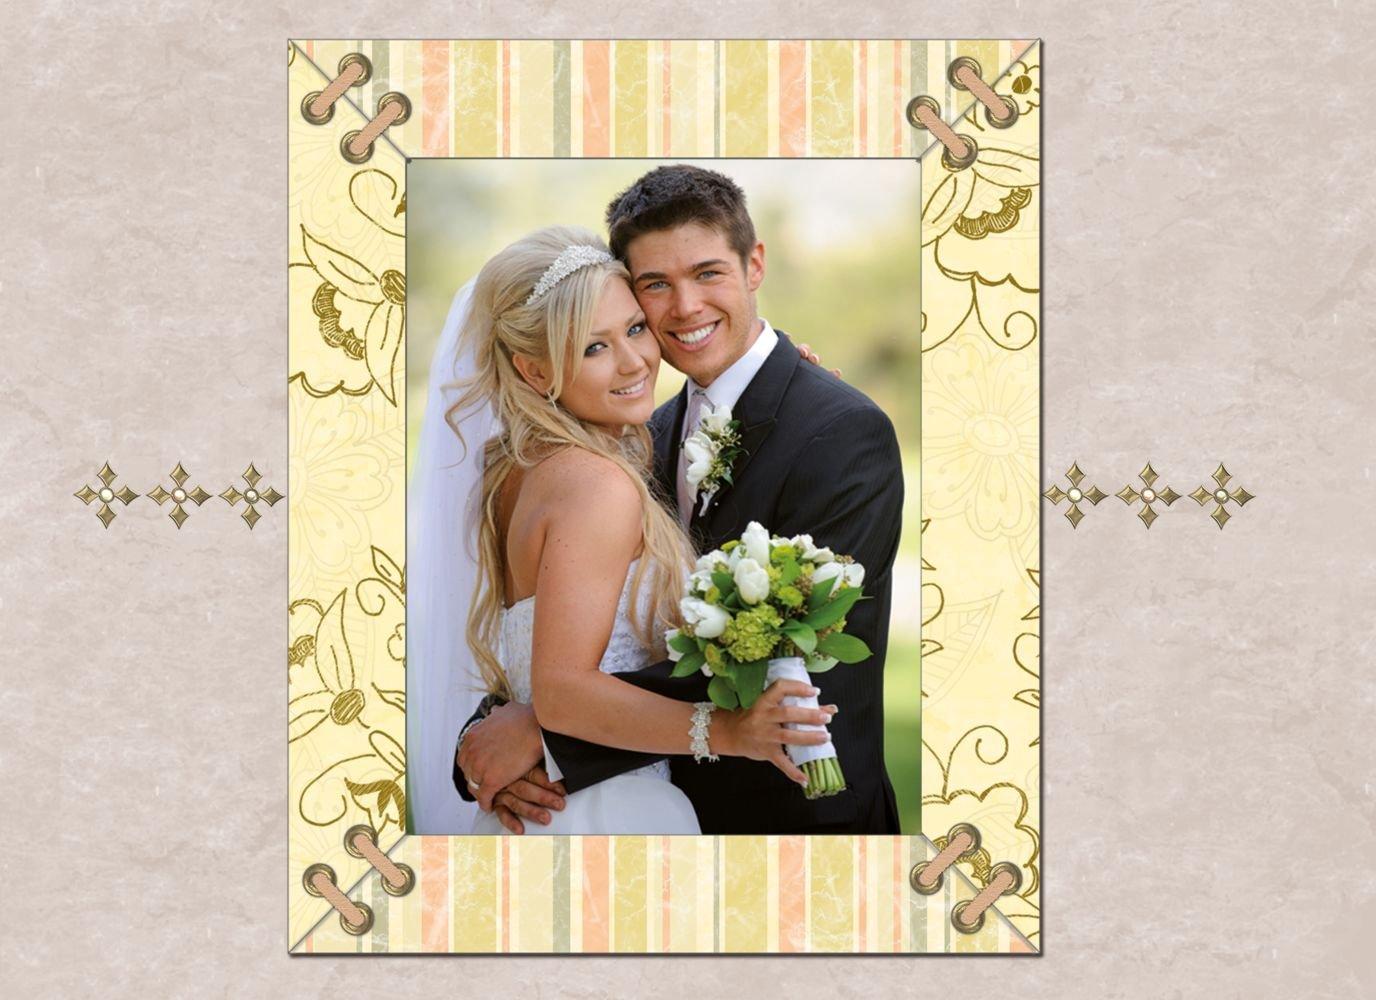 Kartenparadies Danksagung für Hochzeitsgeschenke Hochzeit Hochzeit Hochzeit Dankeskarte Bund für's Leben, hochwertige Danksagungskarte Hochzeitsglückwünsche inklusive Umschläge   20 Karten - (Format  148x105 mm) Farbe  LilaFlieder B01MTBFOY7 | Attr f8a0d7